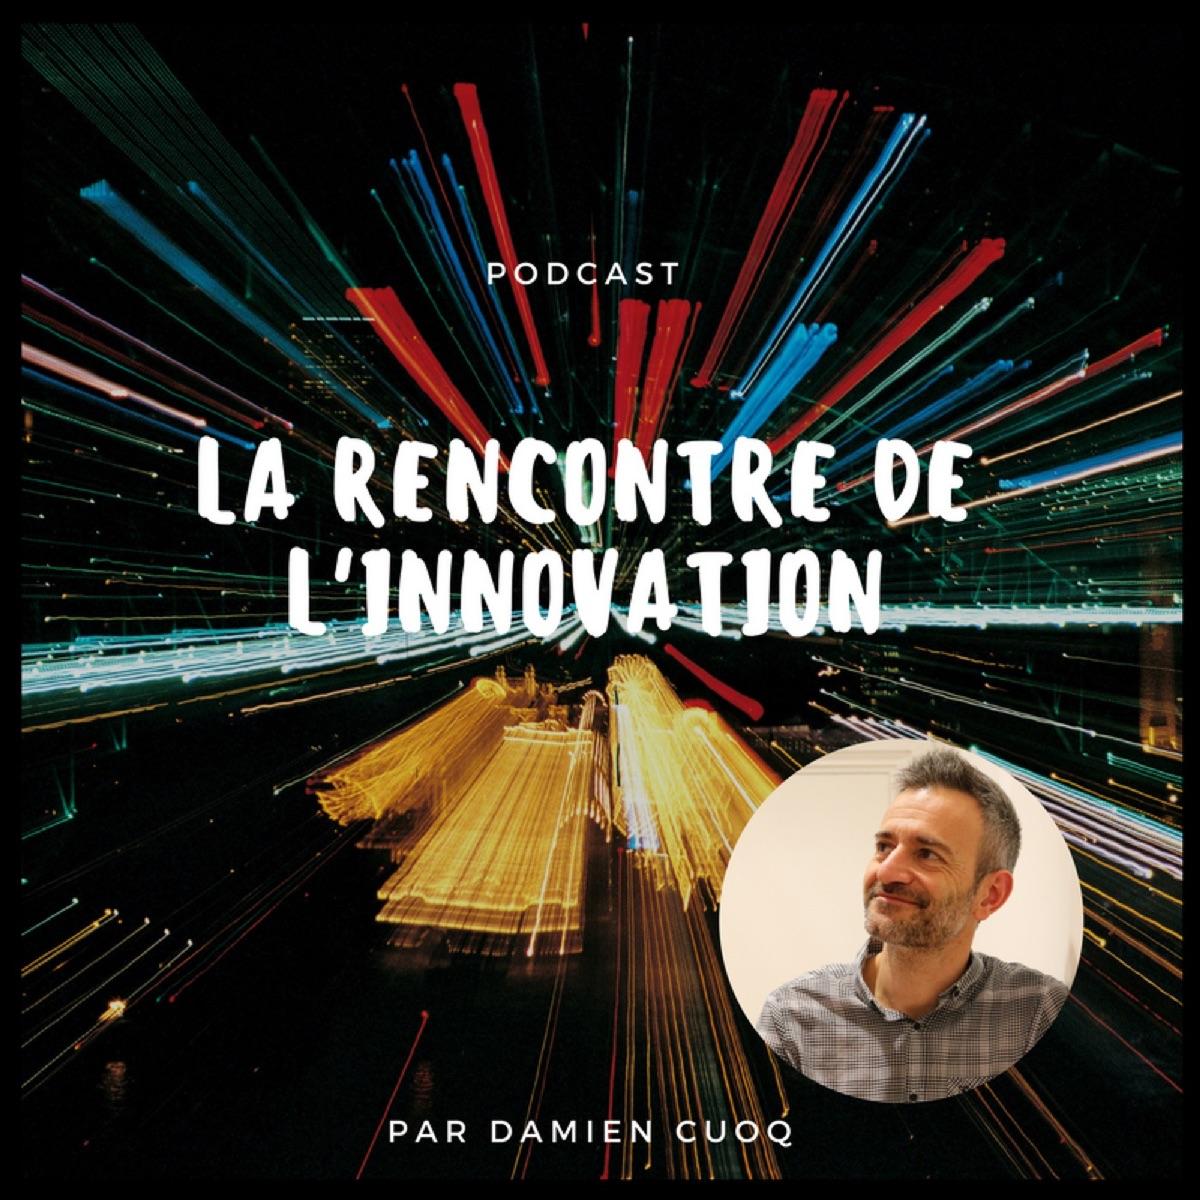 La rencontre de l'innovation